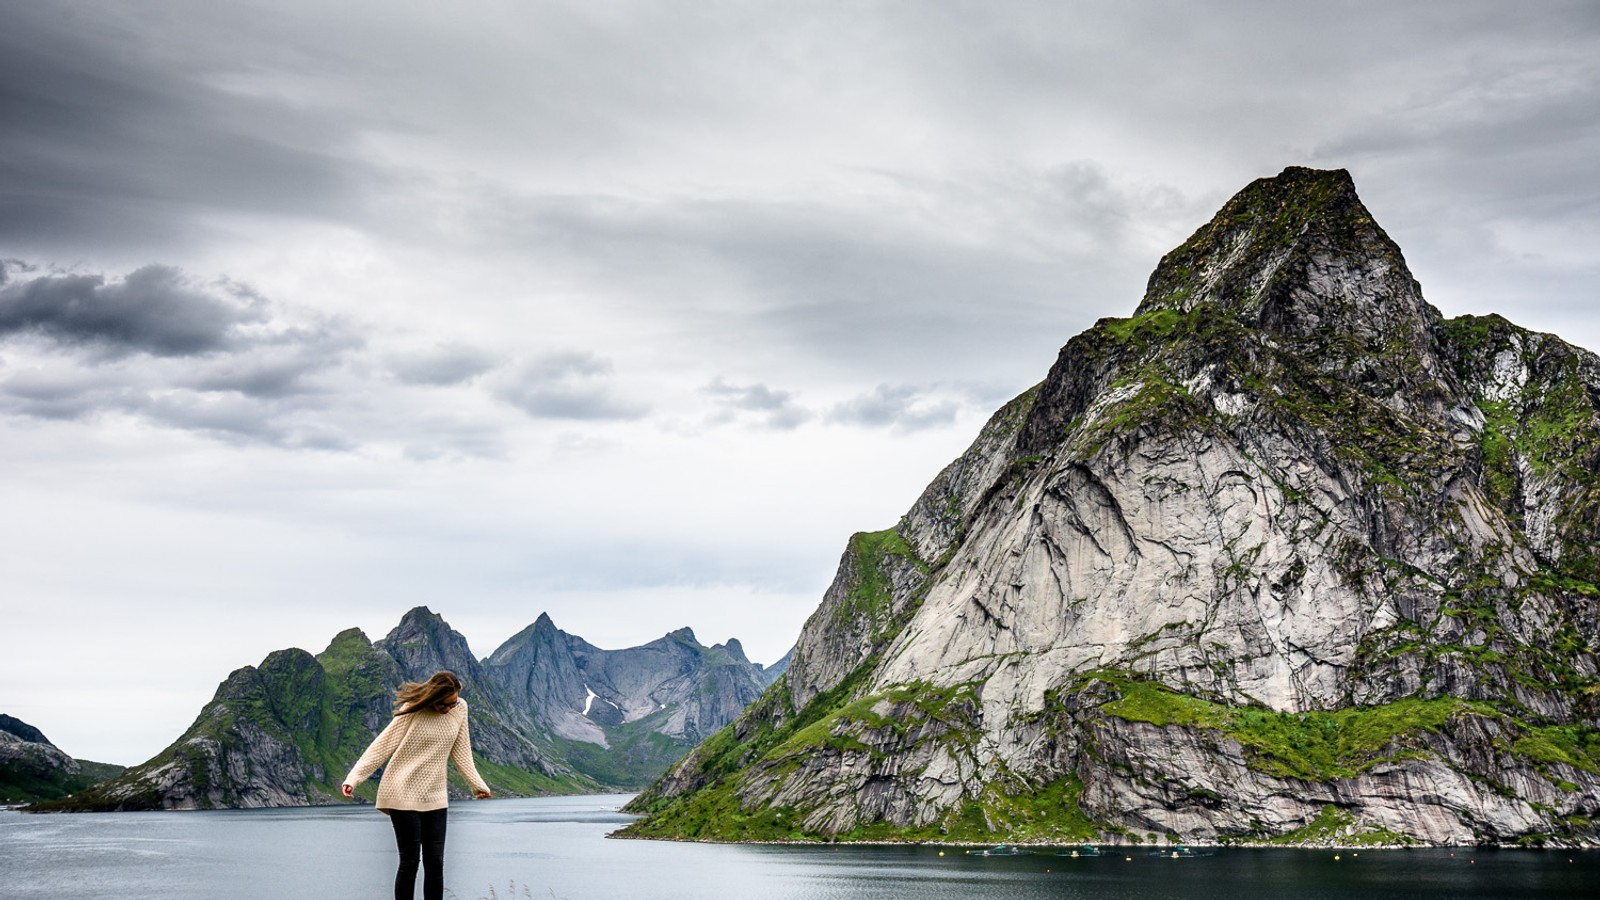 Lofotens ville fjell som går rett ned i havet ble før i tiden sett på som grusomt stygge av en del tilreisende.